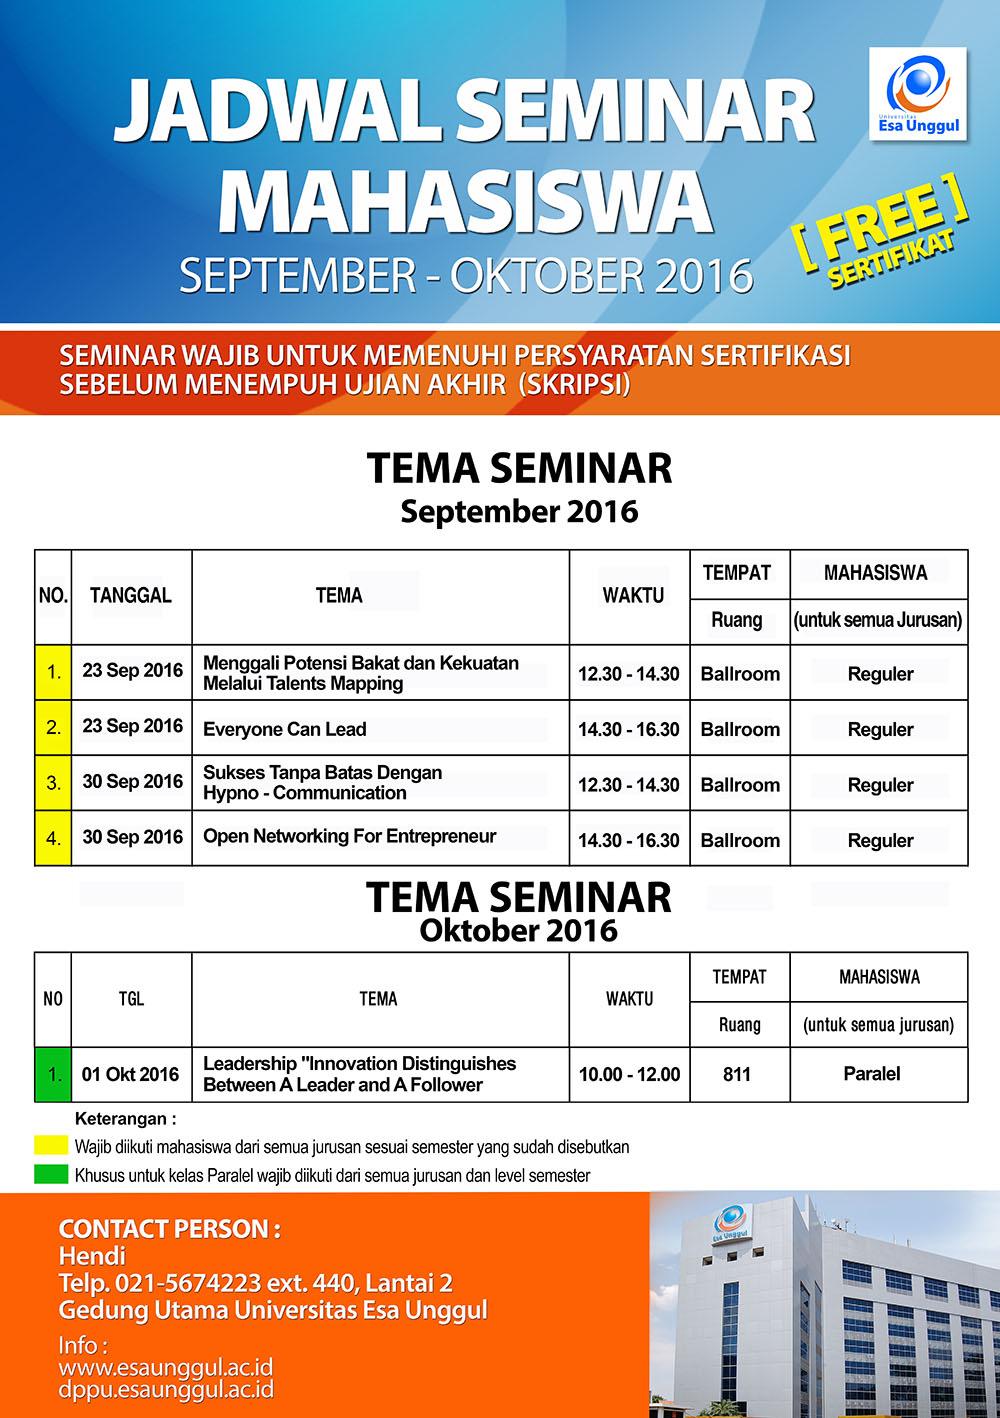 Jadwal Seminar Mahasiswa Universitas Esa Unggul, September dan Oktober 2016